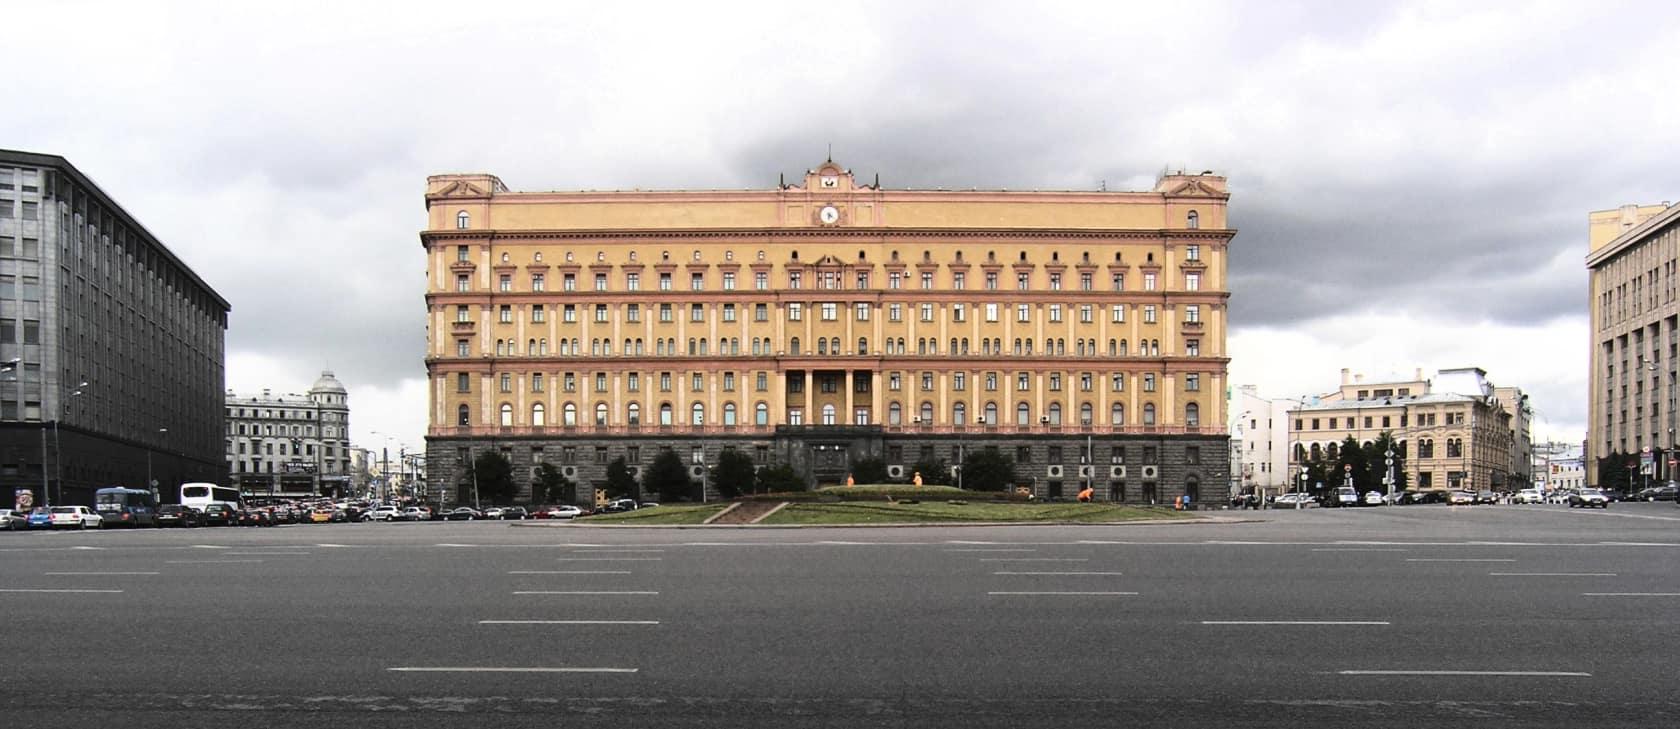 בניין לוביאנקה, מטה שירותי הביון הרוסיים